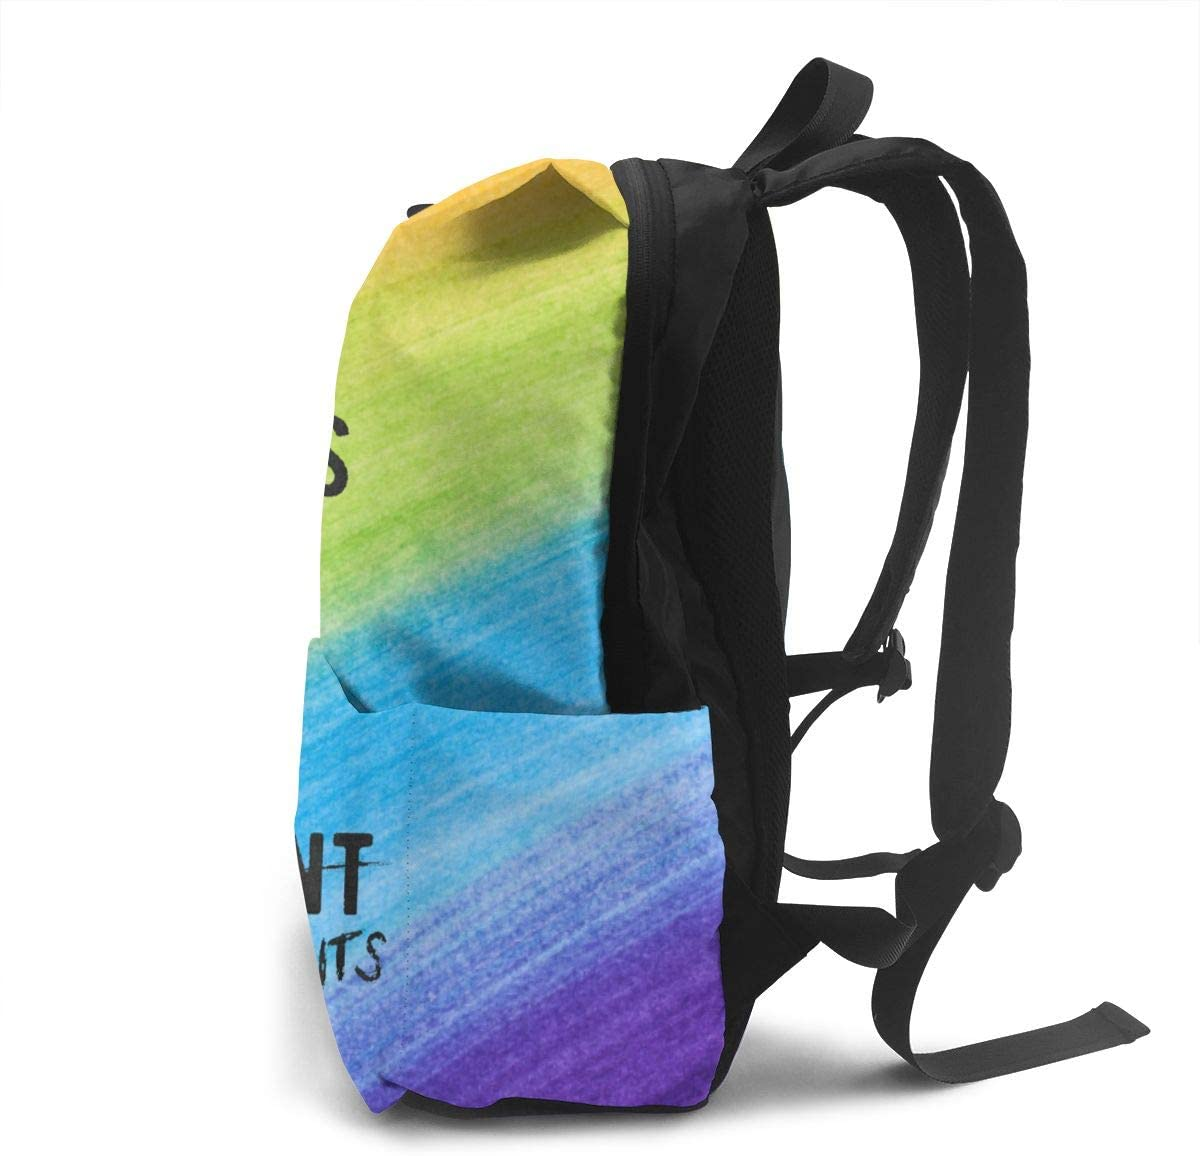 Sherrygeoffrey I Do What I Want Bookbag Student Bag Shoulder Backpack Laptop Bag